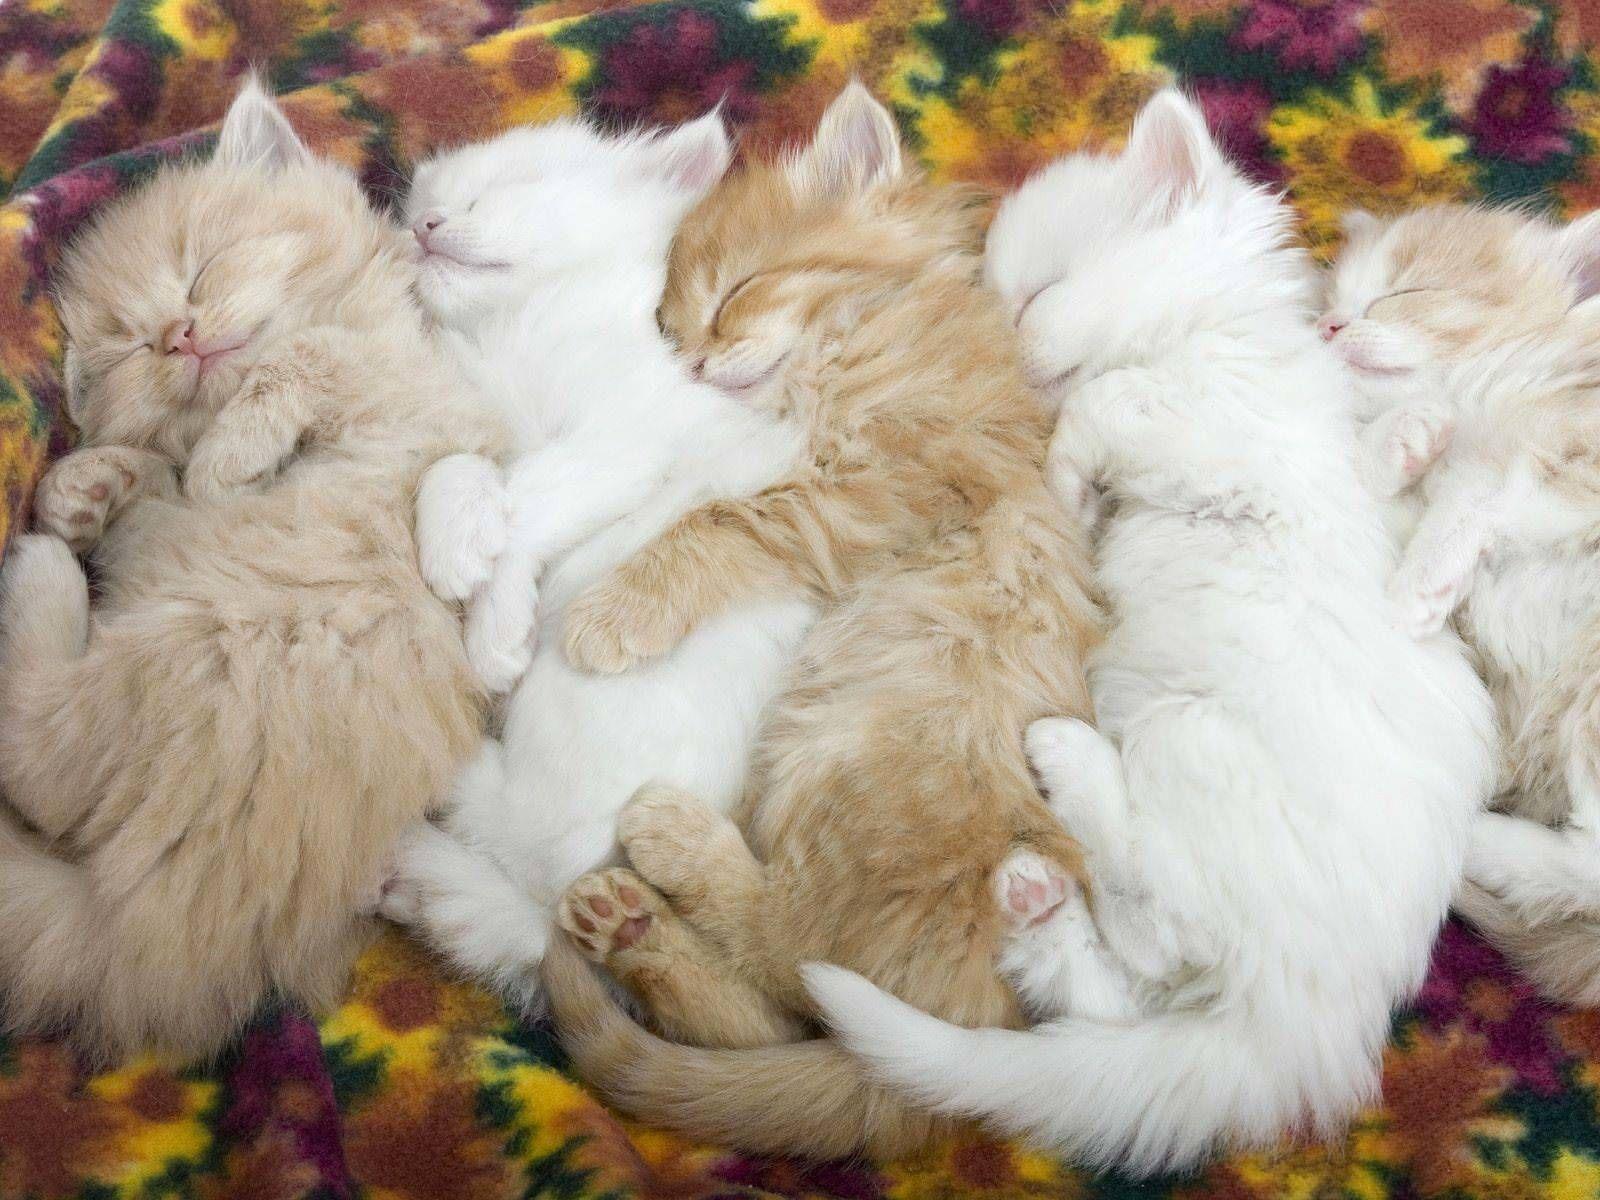 猫を飼うと健康になる 科学的に証明された猫がもたらす驚きの健康効果とは 可愛い猫 かわいい猫の壁紙 子猫